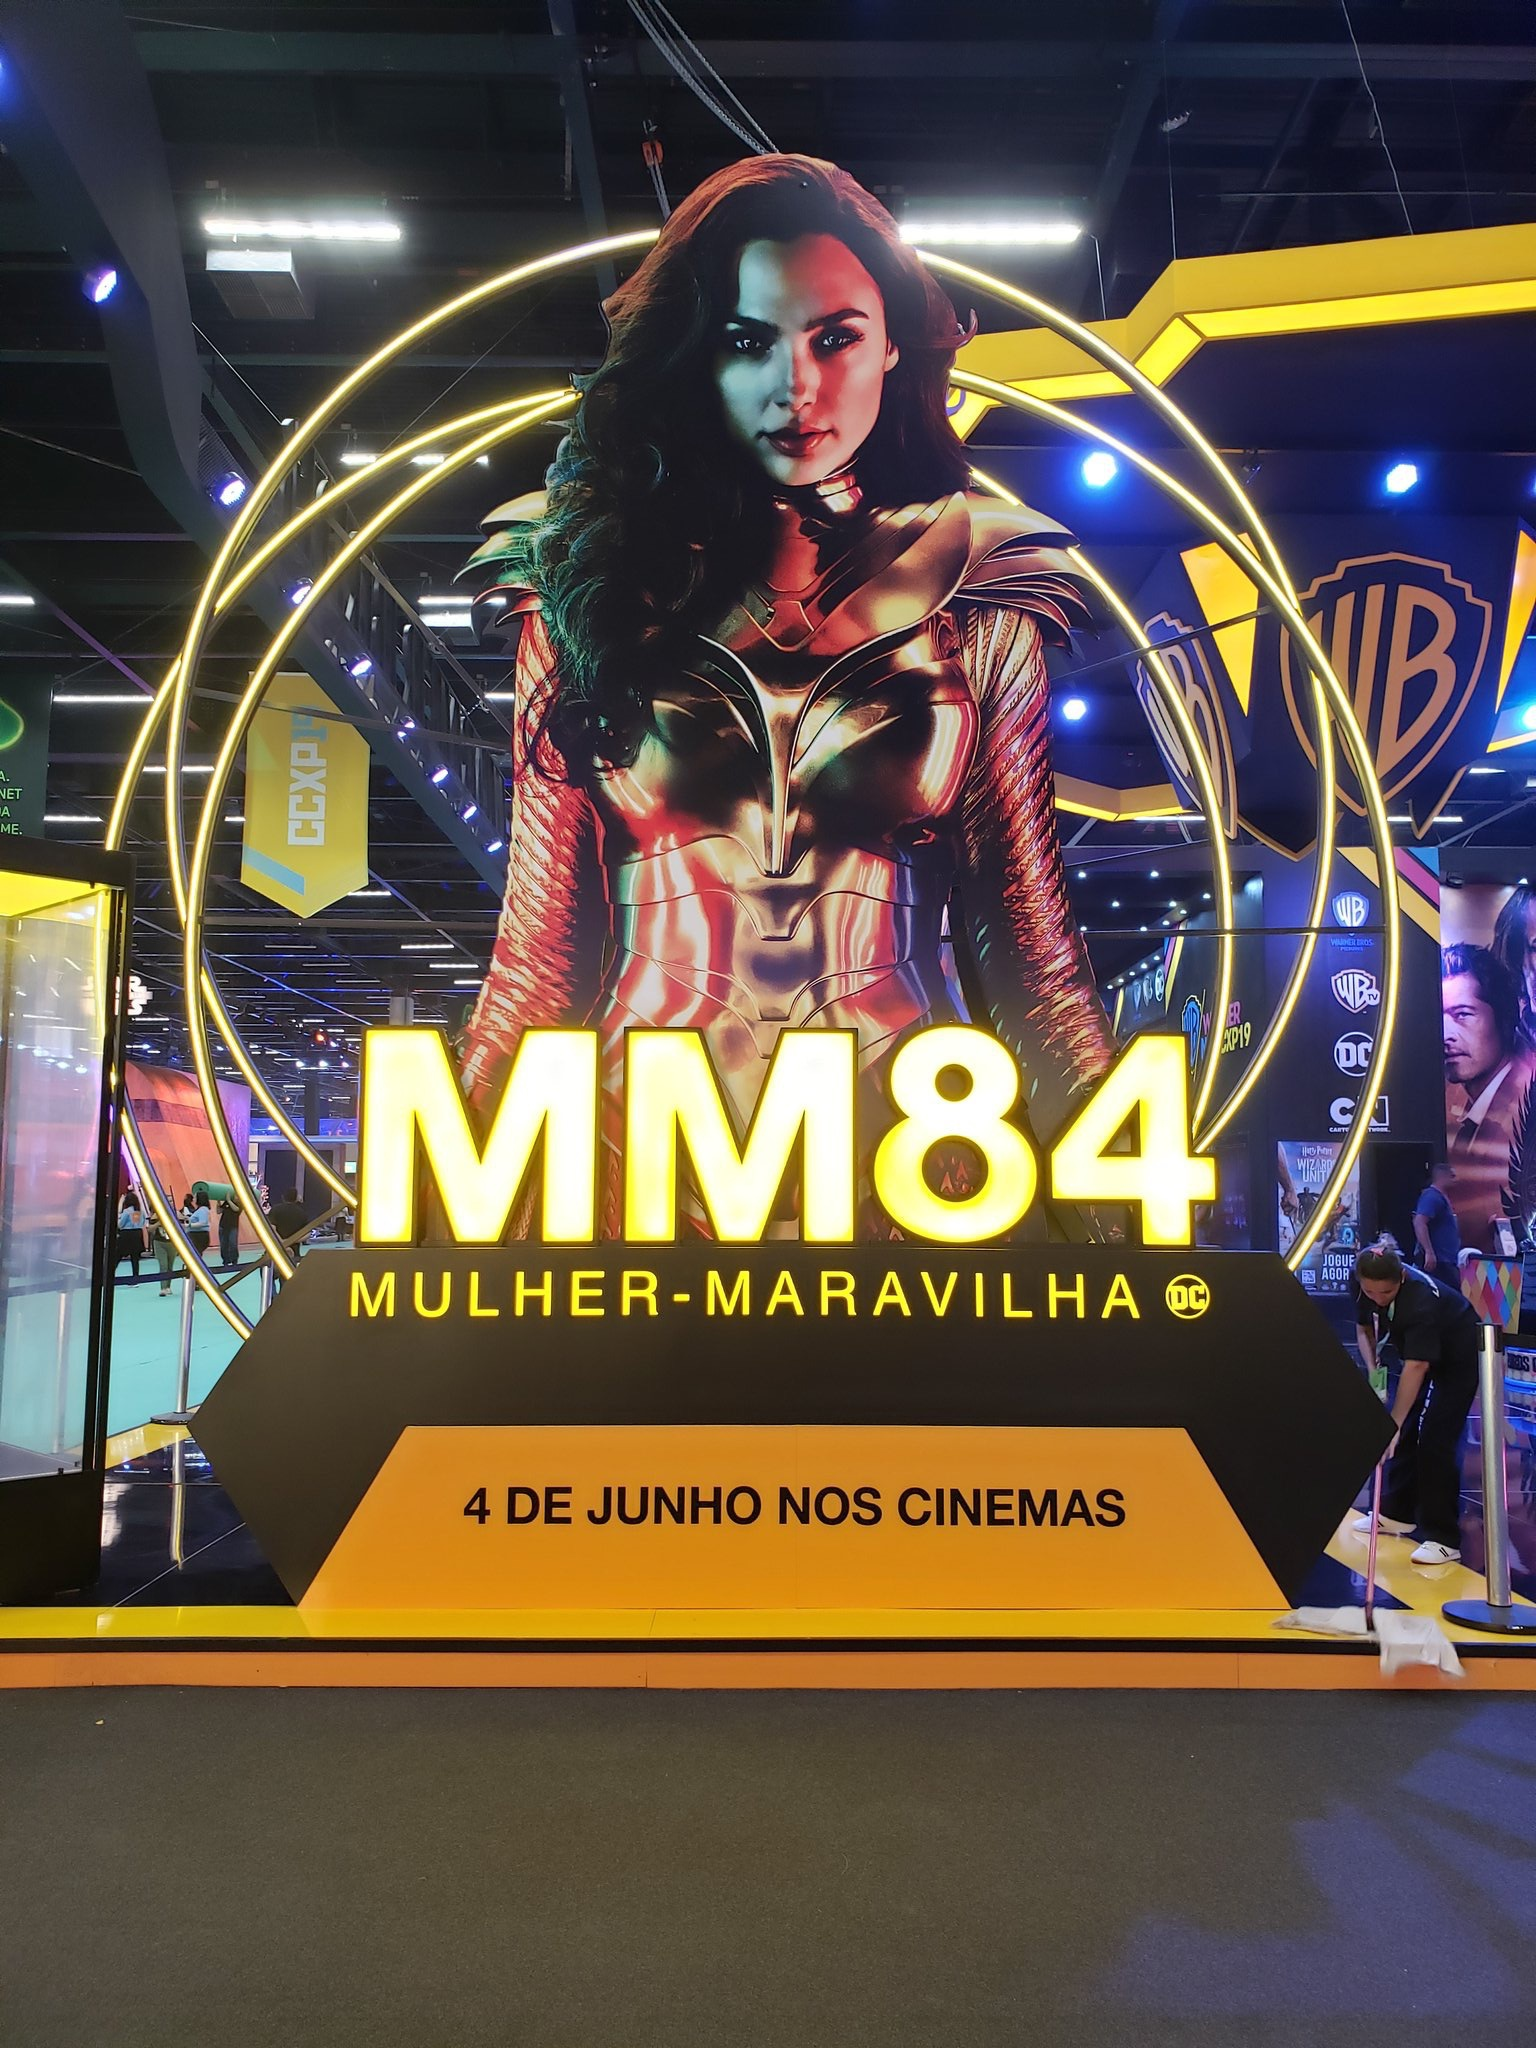 CCXP巴西圣保罗漫展会场展出《神奇女侠1984》片中使用的女侠制服和官